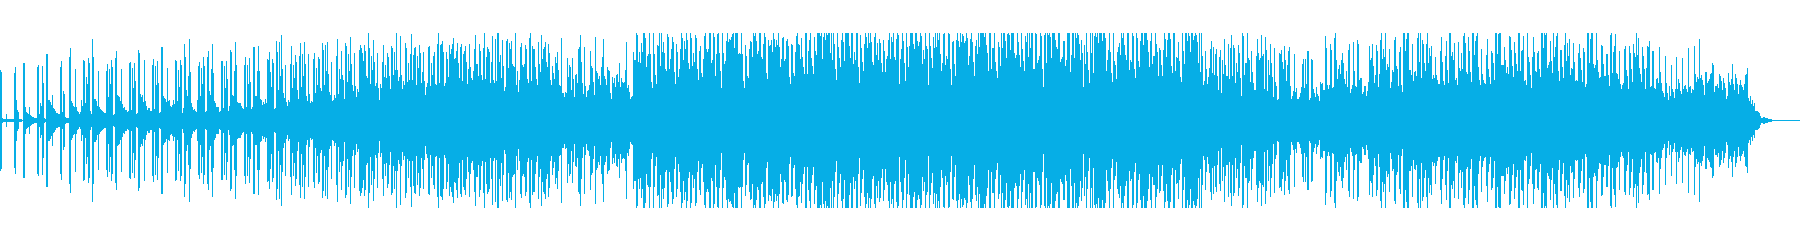 重厚でスローテンポなエレクトロニカの再生済みの波形